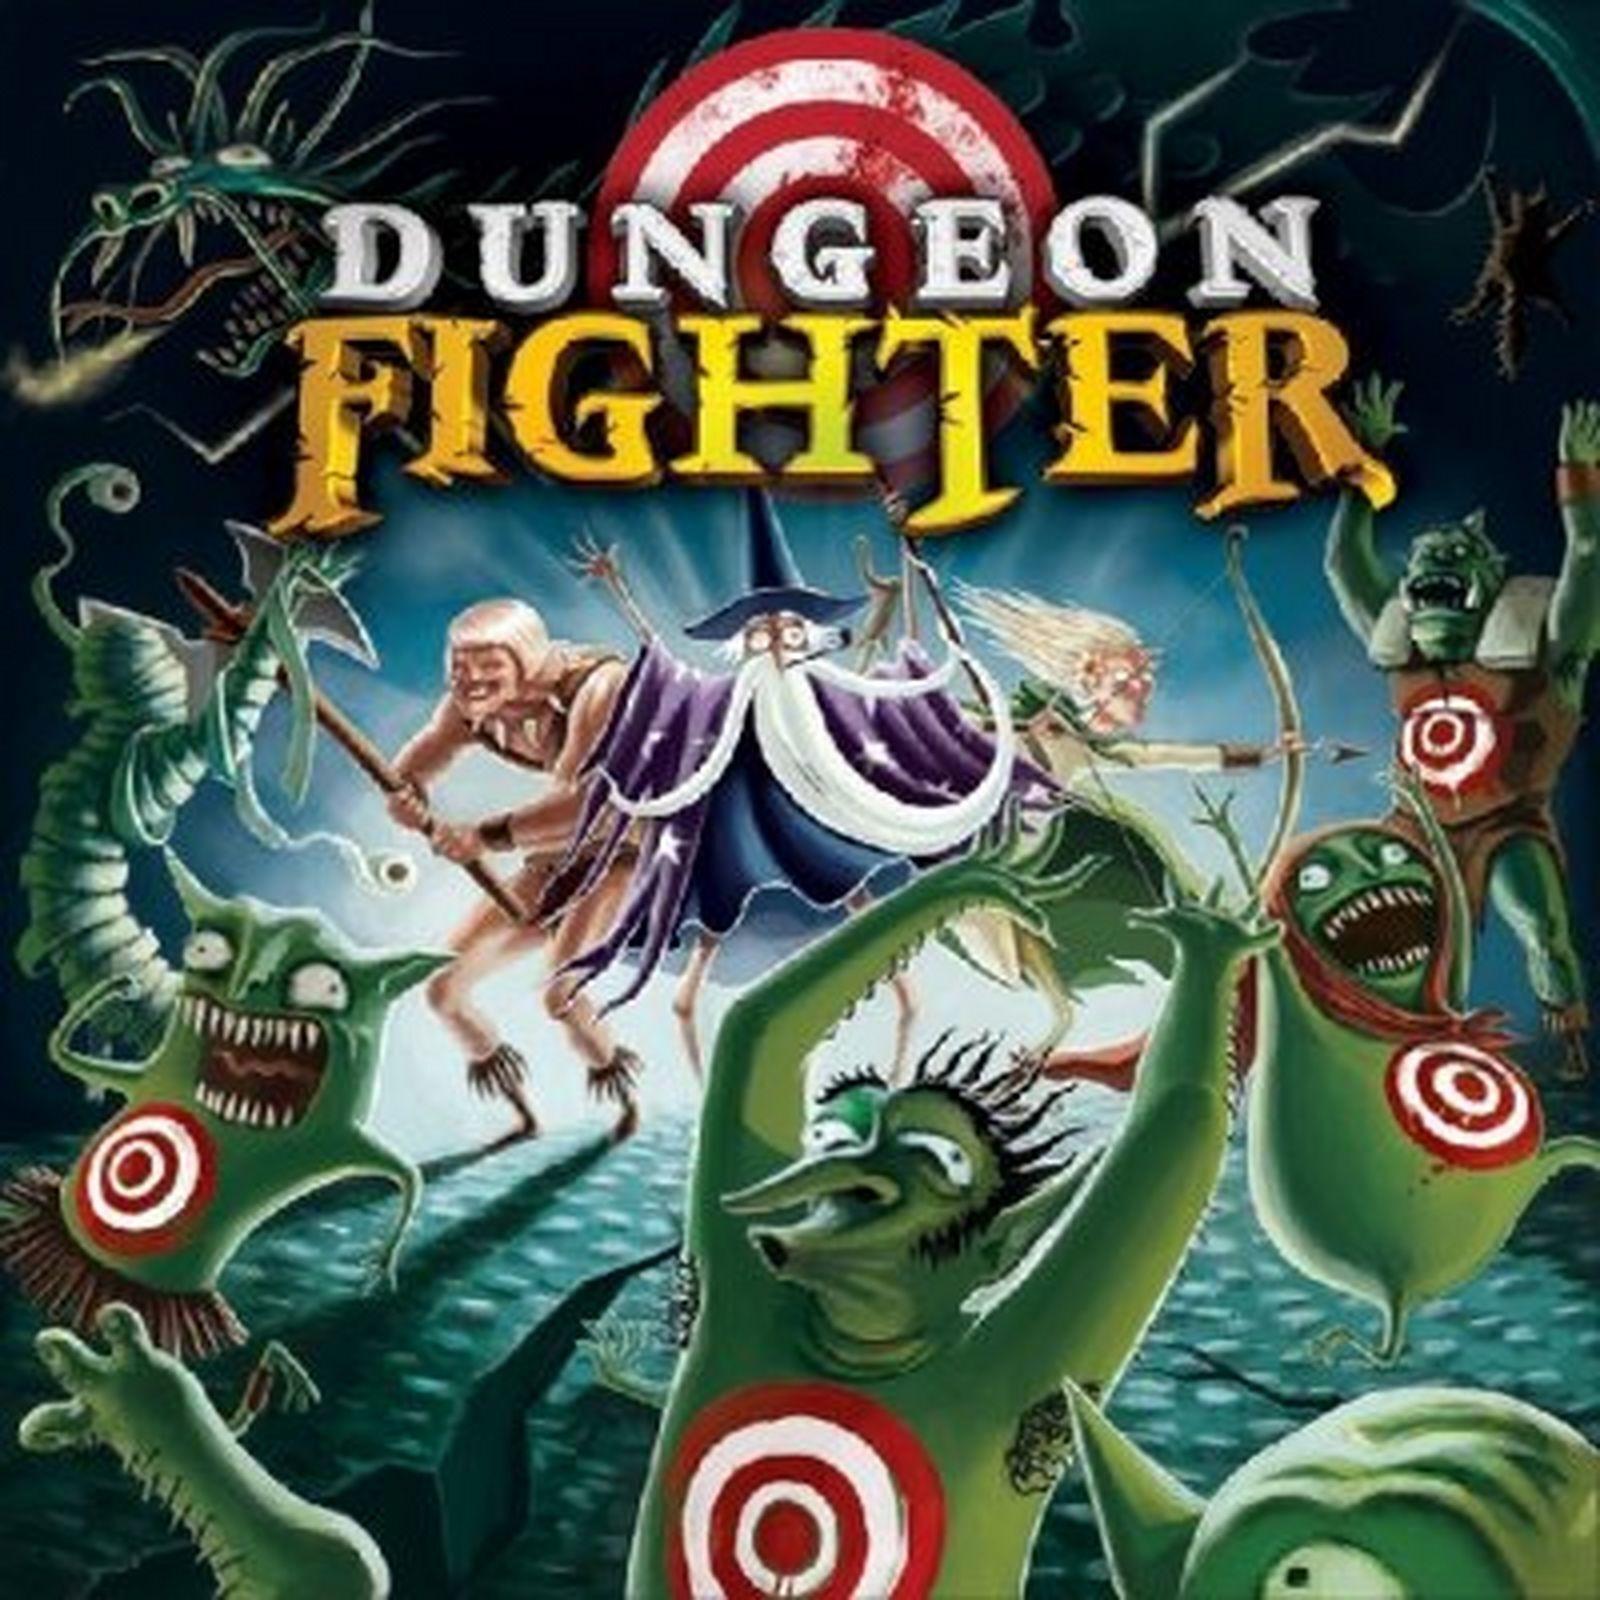 DUNGEON FIGHTER  Gioco da Tavolo Italiano Strategia fantasyc Avventura  presa di marca